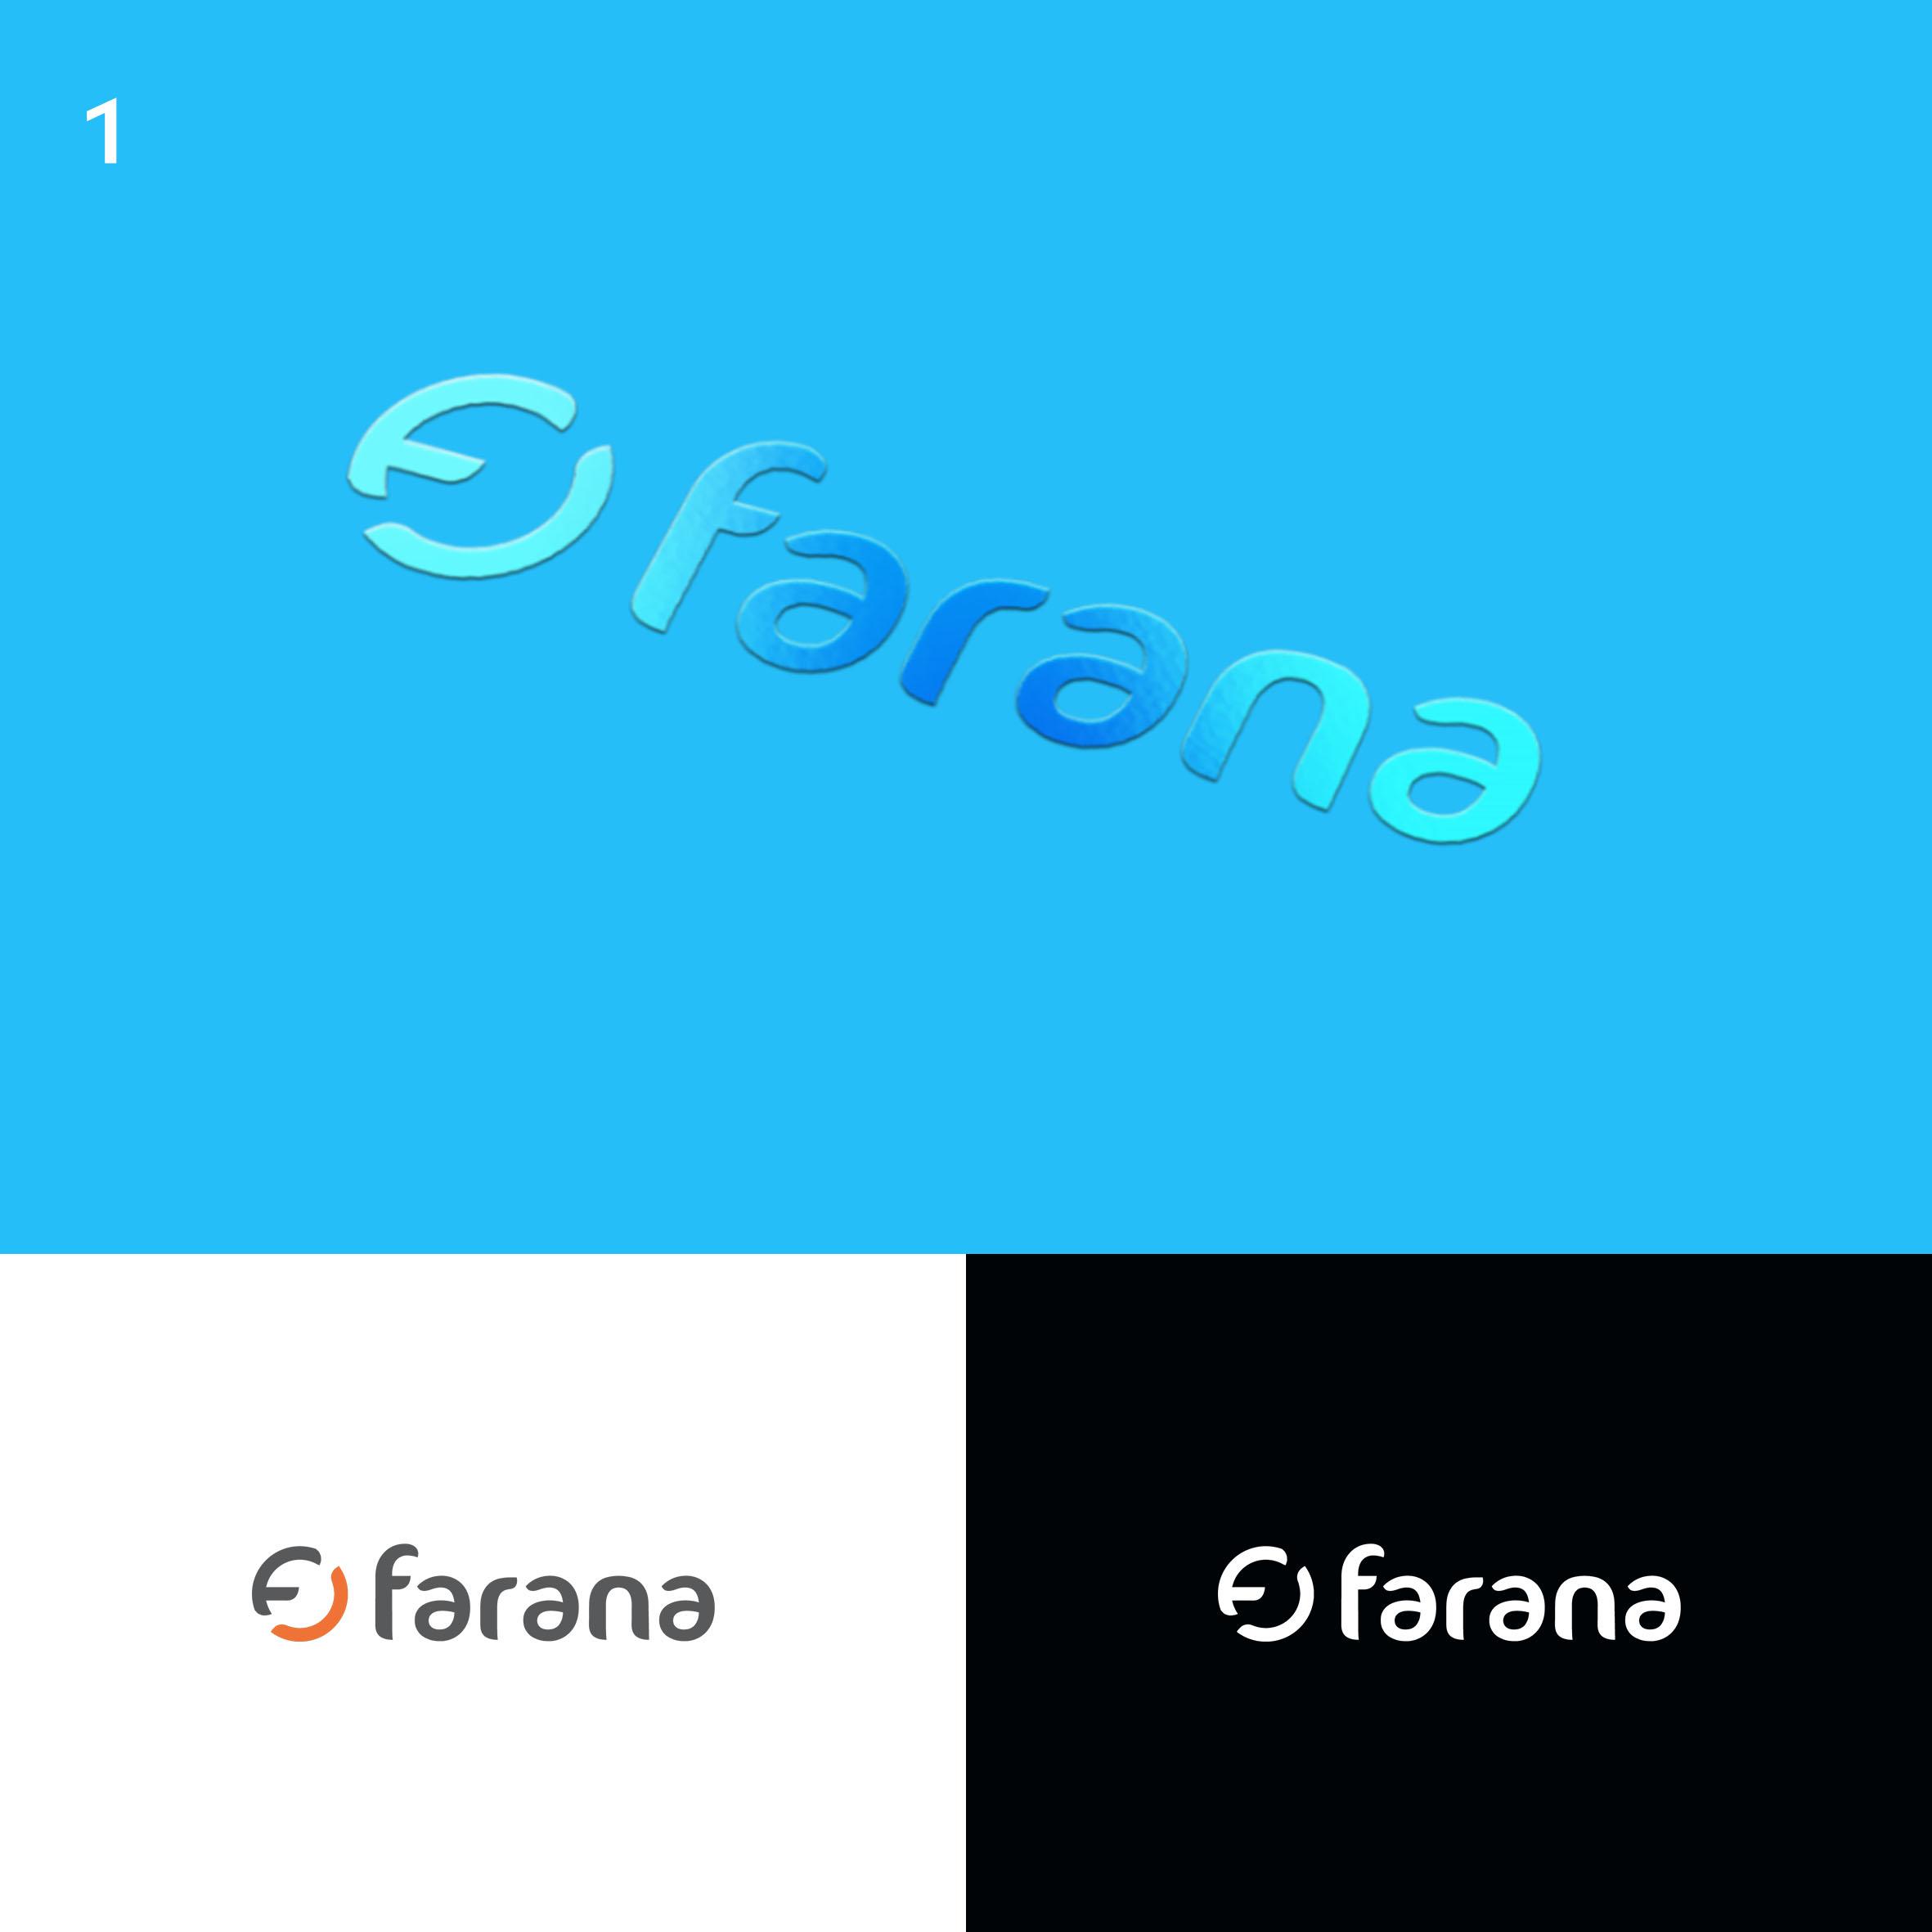 Farana